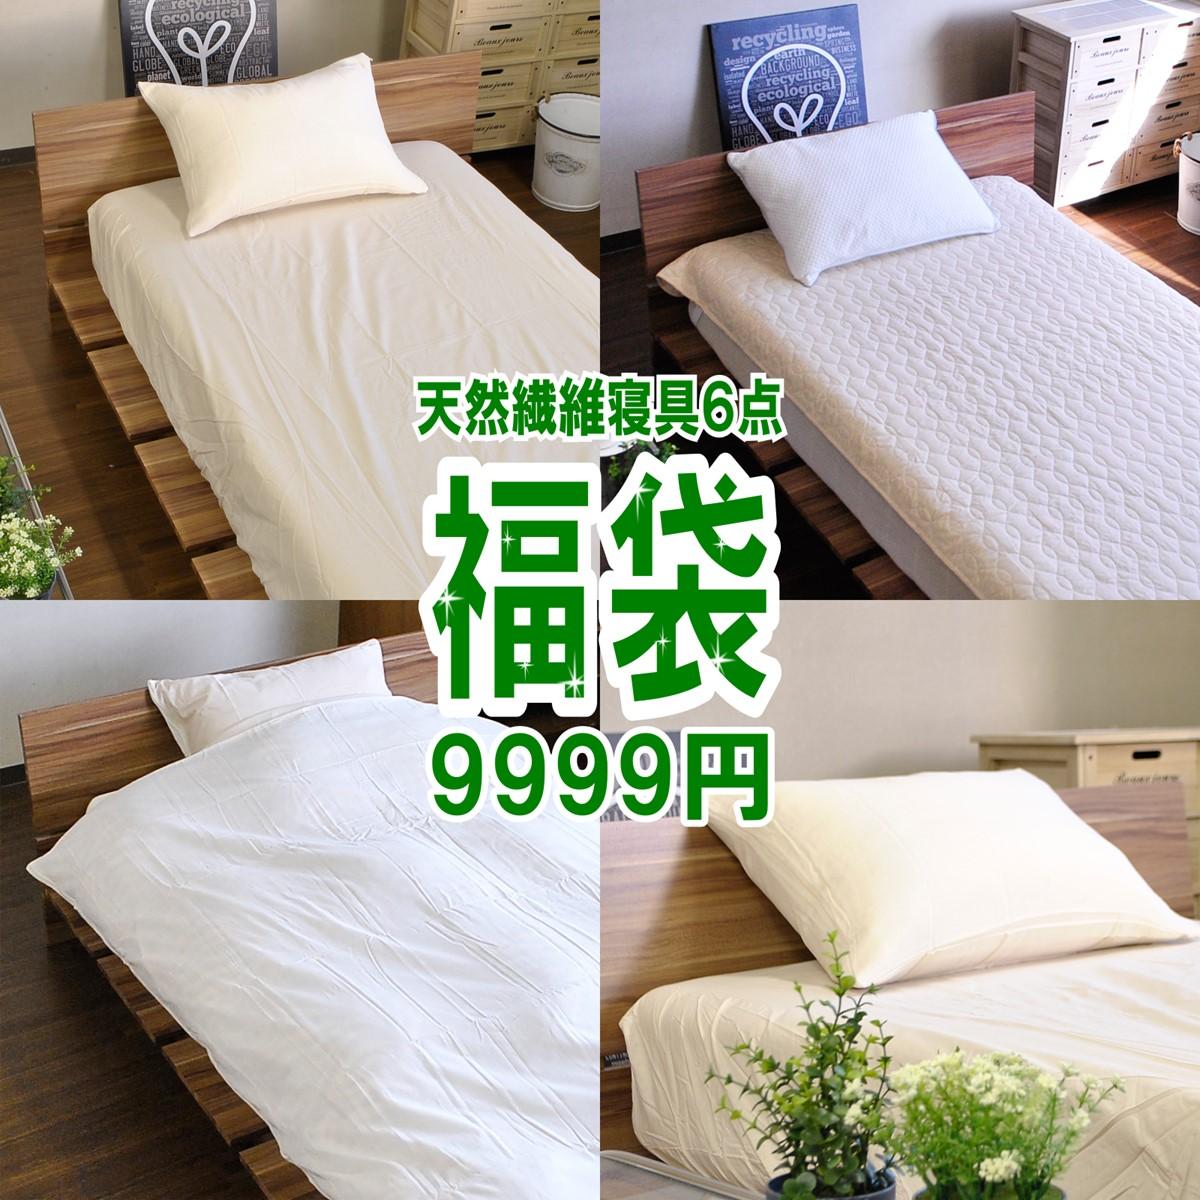 【福袋】 【2019年】 【送料無料】 日本製 天然繊維 お買い得 寝具6点セット シングル 生成